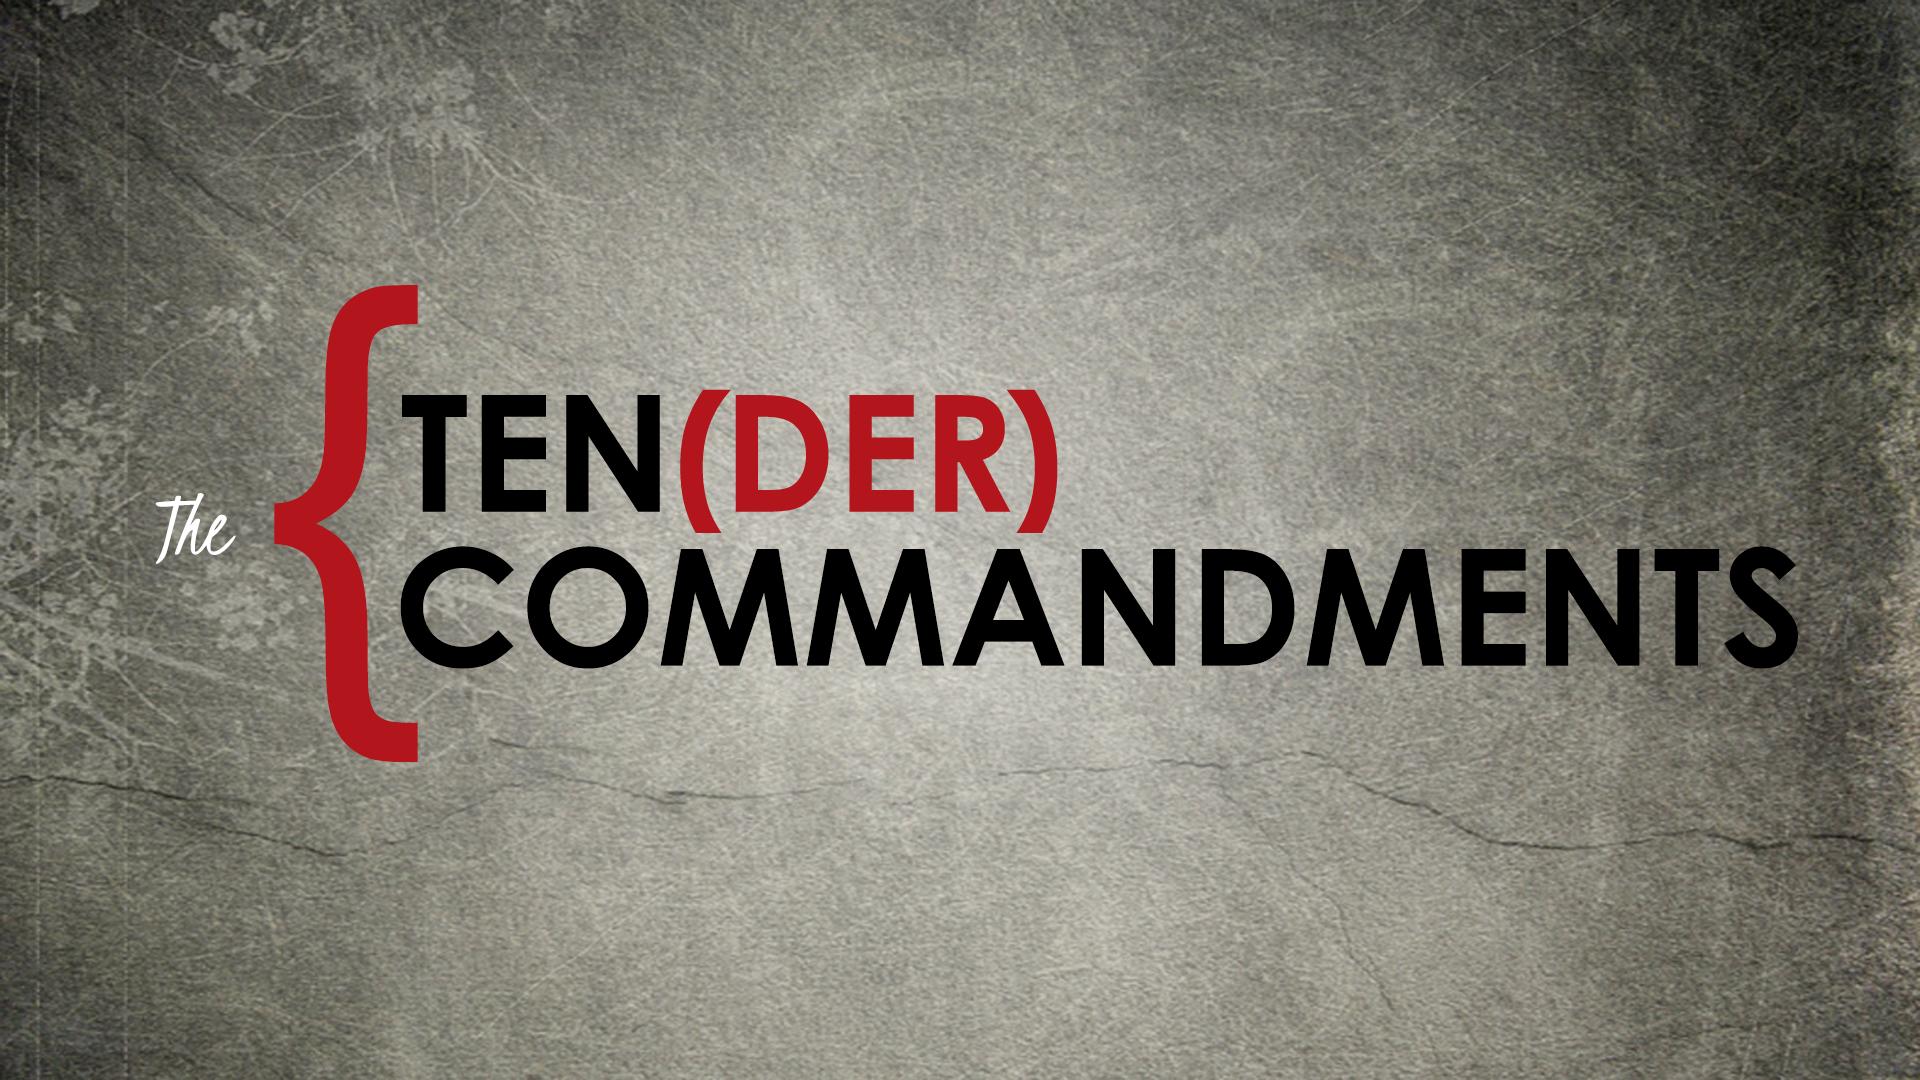 tender-commandments.png